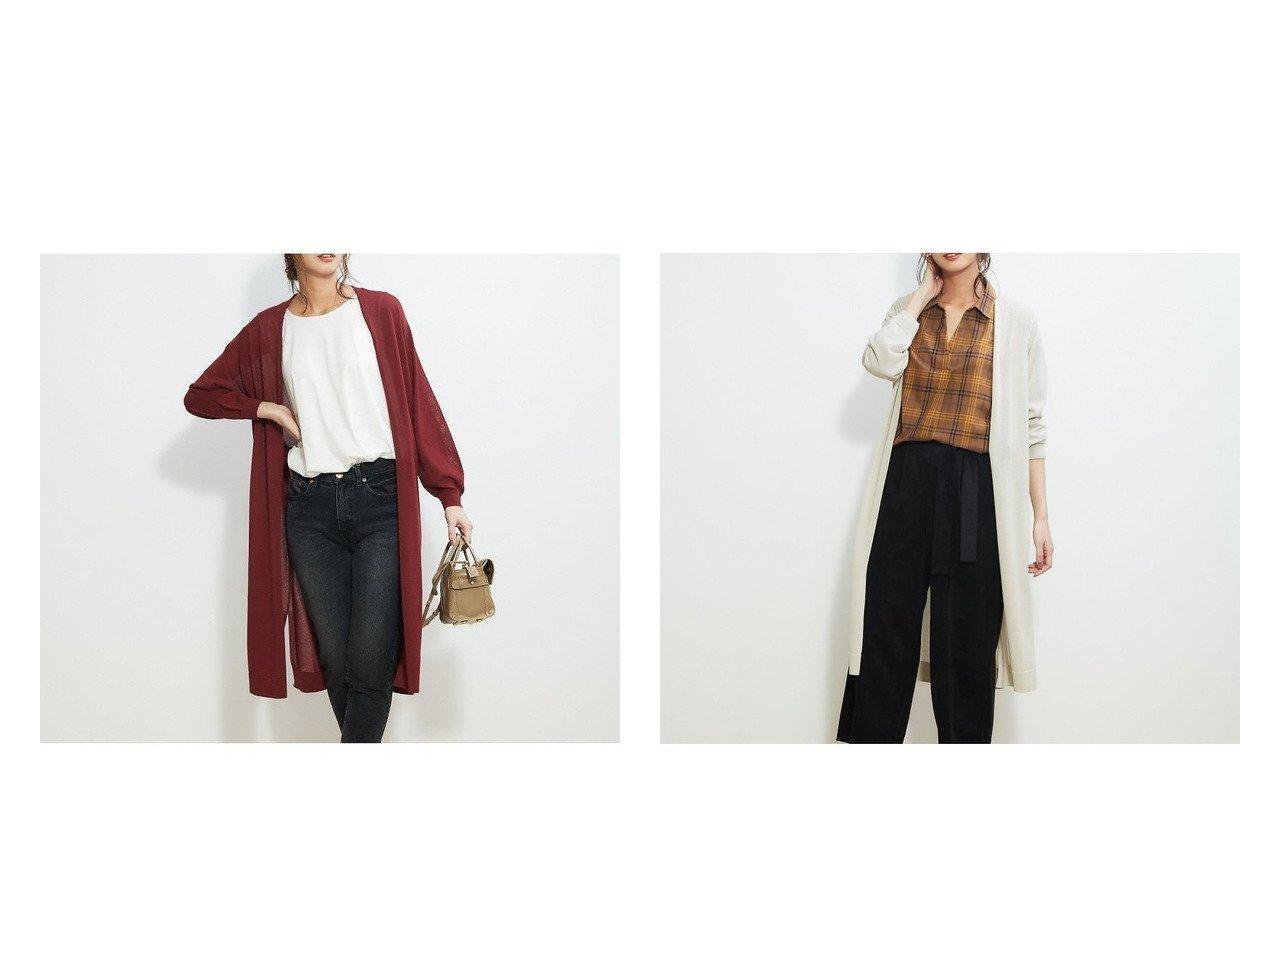 【Rouge vif la cle/ルージュヴィフラクレ】のロングカーディガン Rouge vifのおすすめ!人気、トレンド・レディースファッションの通販  おすすめで人気の流行・トレンド、ファッションの通販商品 メンズファッション・キッズファッション・インテリア・家具・レディースファッション・服の通販 founy(ファニー) https://founy.com/ ファッション Fashion レディースファッション WOMEN トップス Tops Tshirt ニット Knit Tops カーディガン Cardigans カーディガン スリット リボン ロング  ID:crp329100000019389